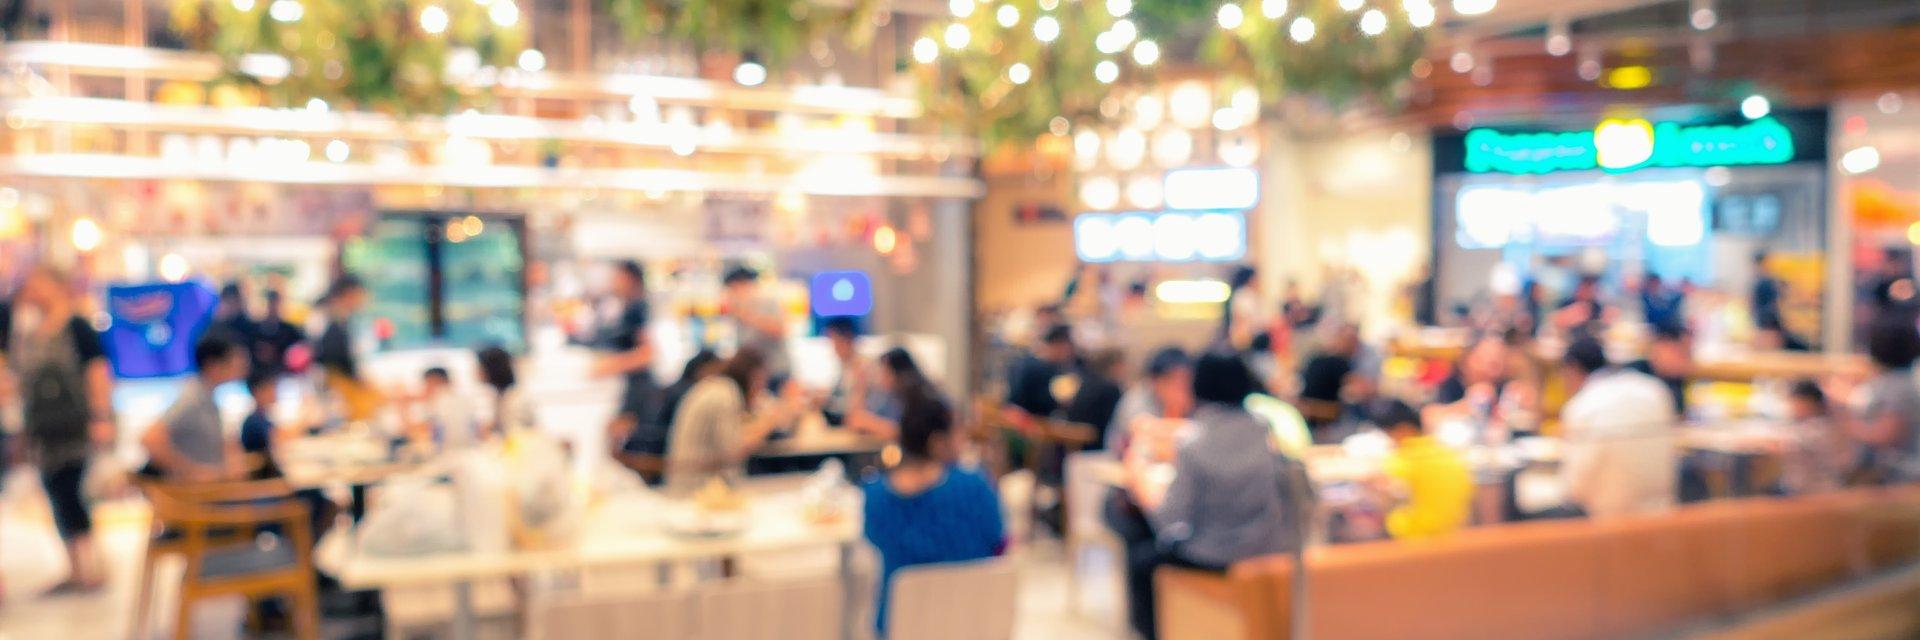 Usługi i rozrywka w centrach handlowych straciły połowę obrotów, co dalej z branżą retail?